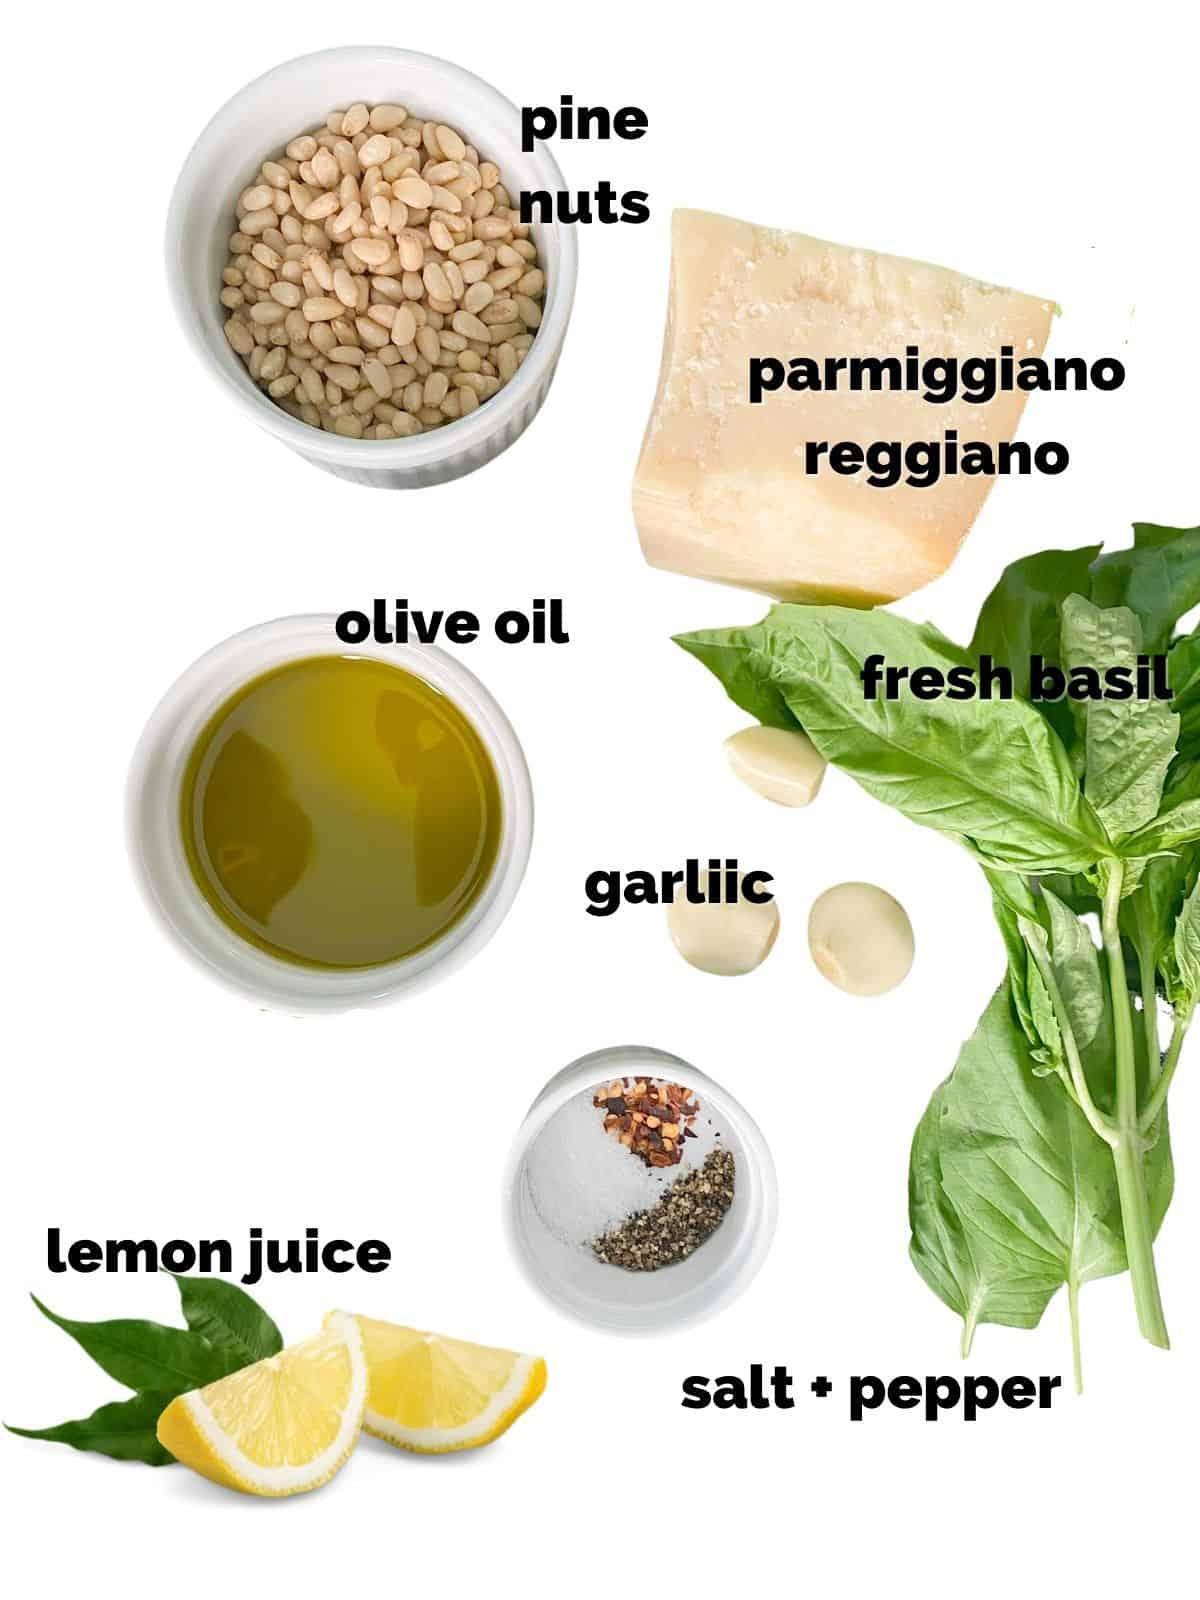 Ingredients or basil pesto recipe